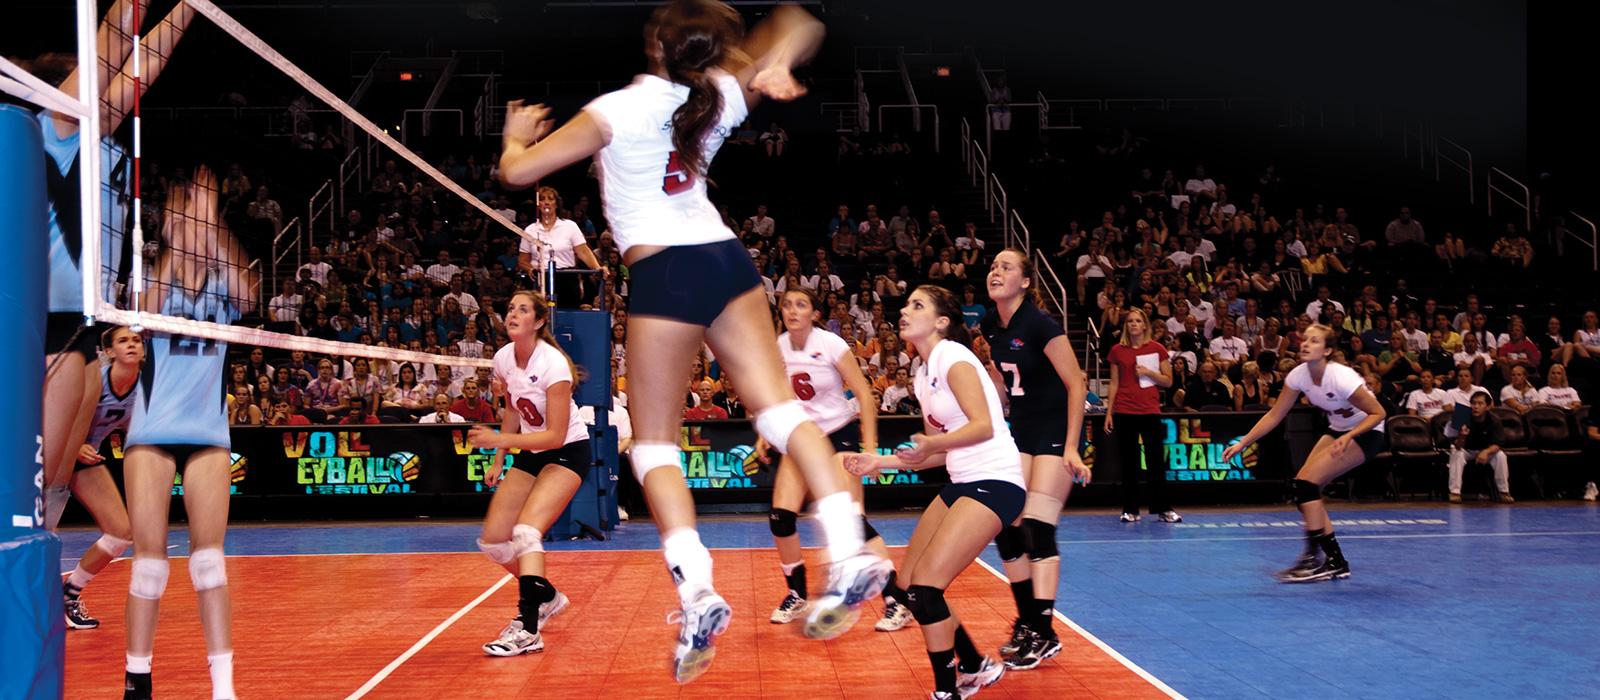 Canchas de voleibol en un torneo